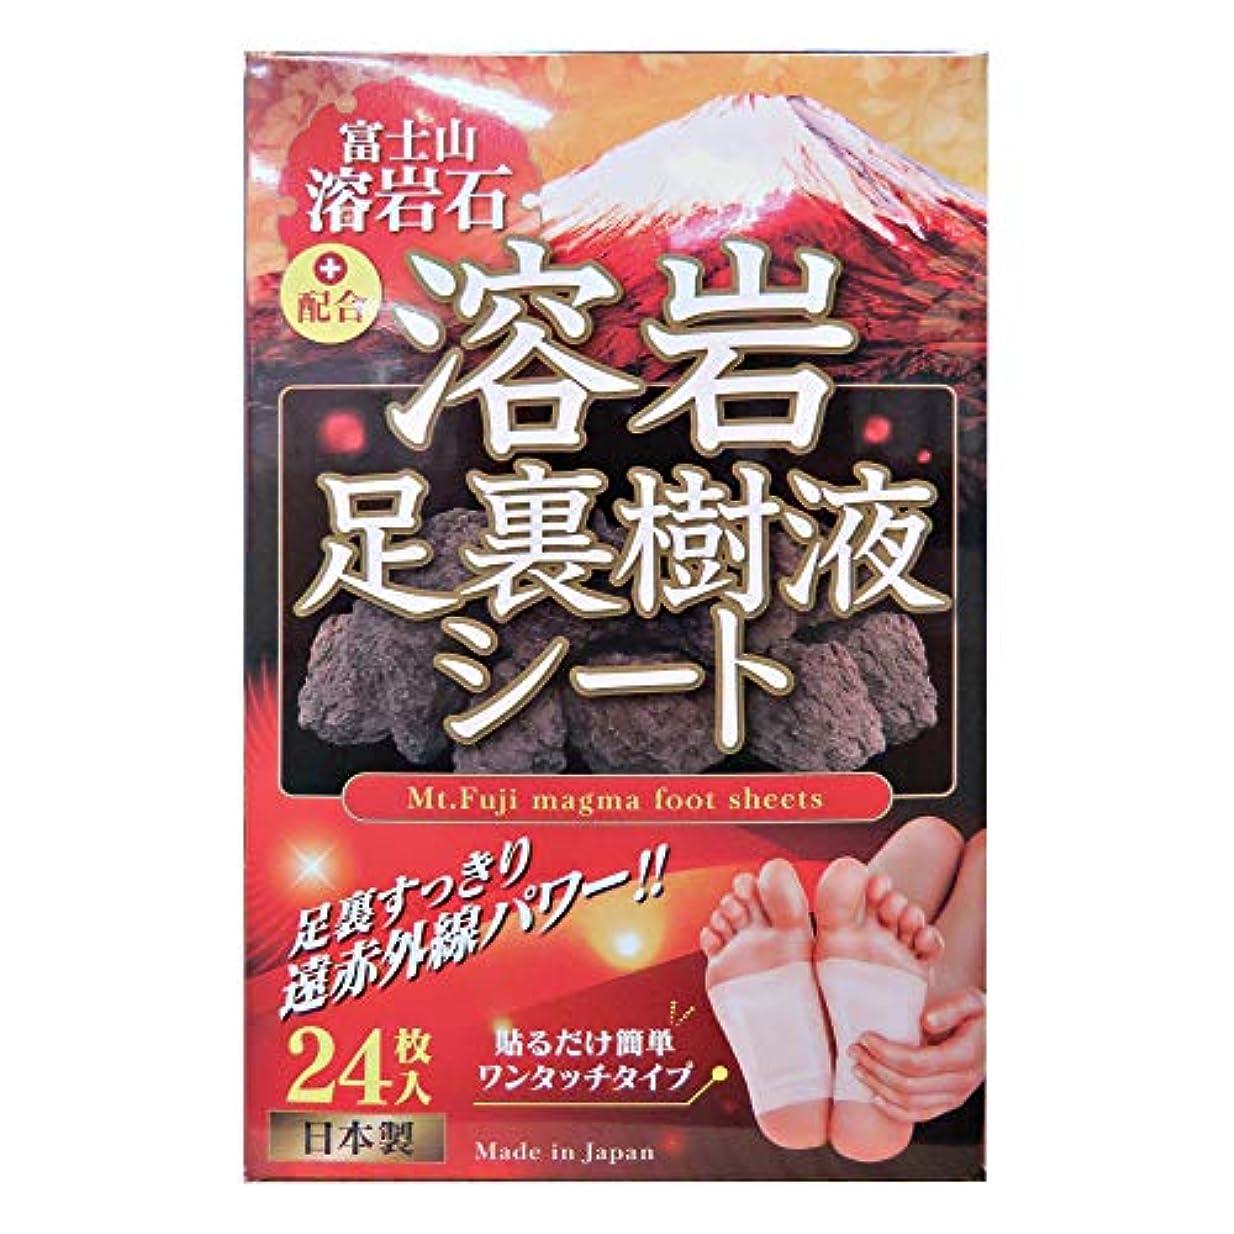 ふける指標かかわらず富士山溶岩石配合 溶岩足裏樹液シート(24枚)